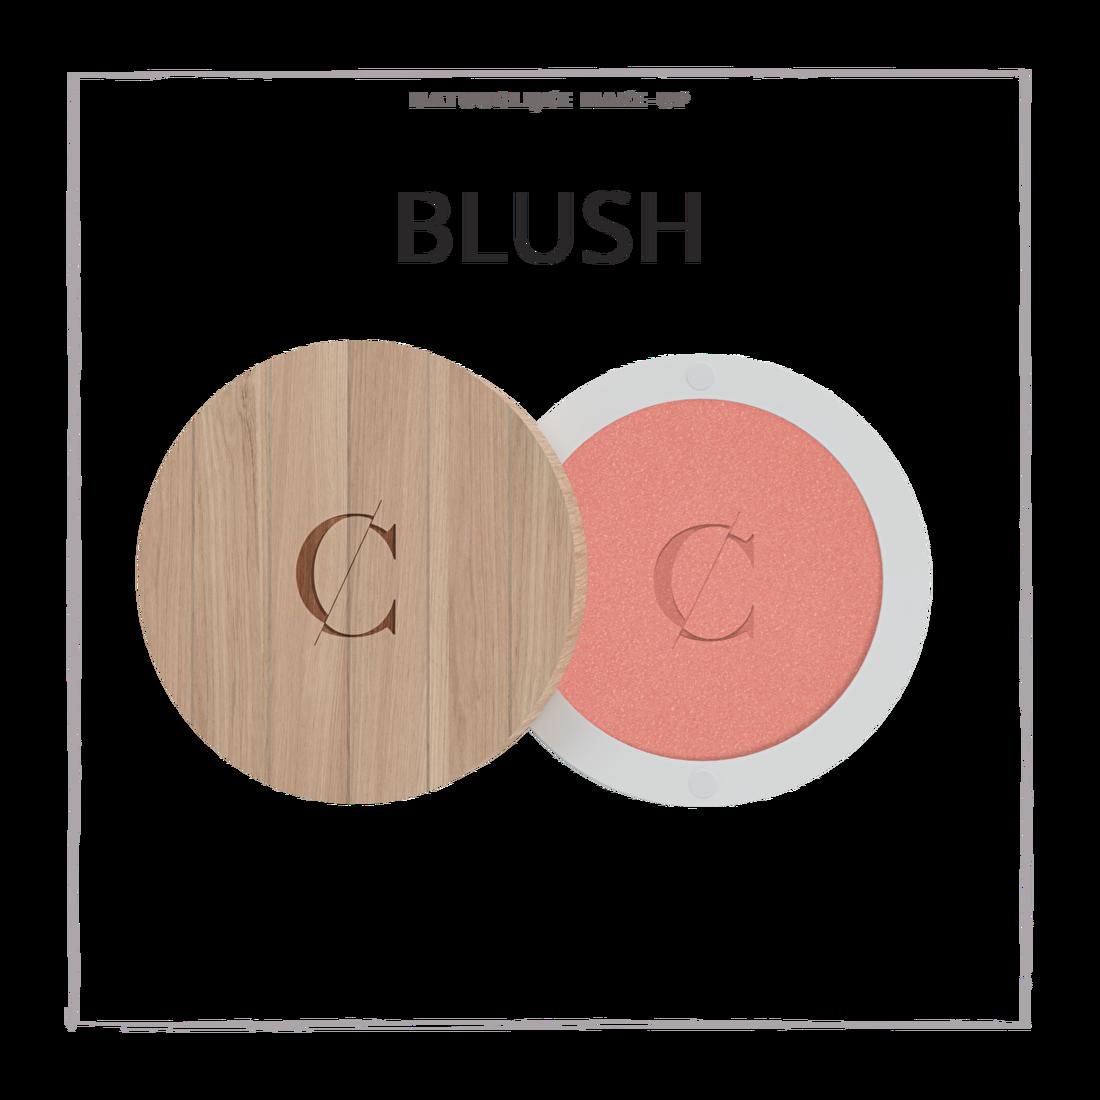 natuurlijke make-up blush CouleurCaramelmakeup.nl